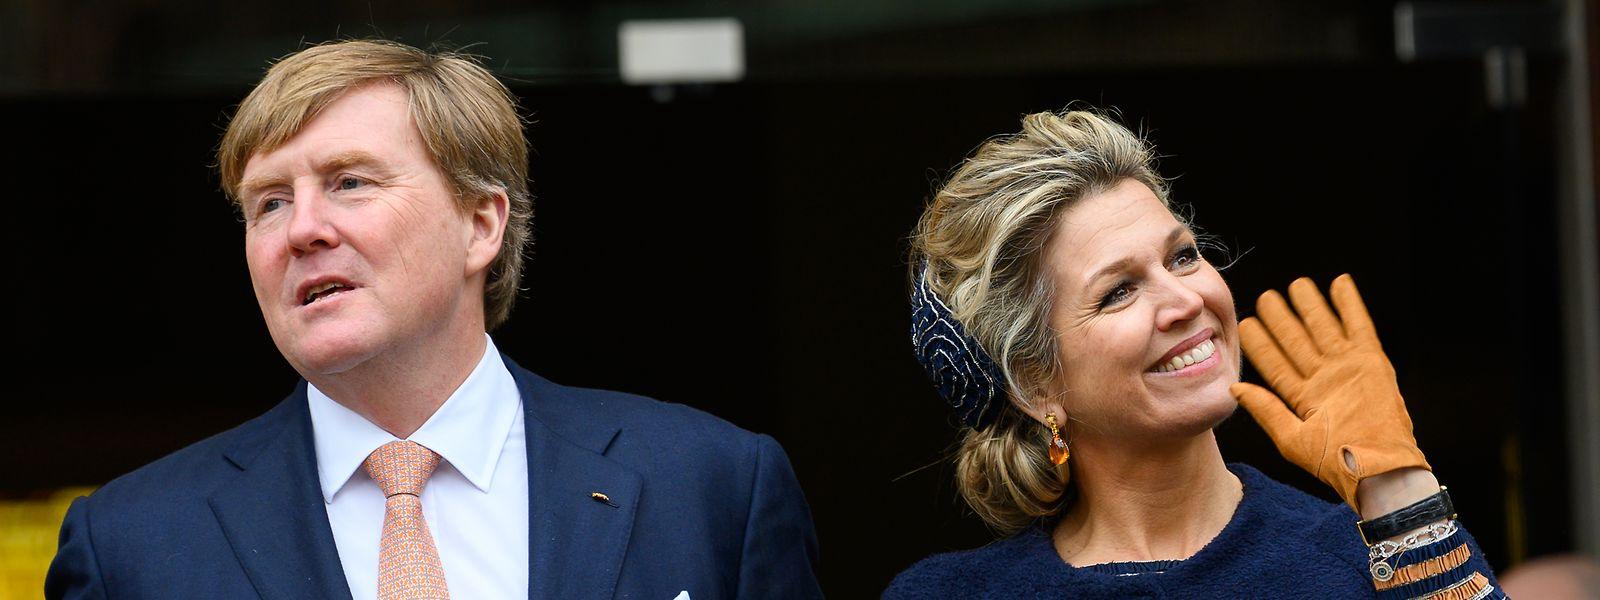 Willem-Alexander, König der Niederlande, und Máxima, Königin der Niederlande, bei ihrem Bremen-Besuch auf dem Marktplatz von Bremen.